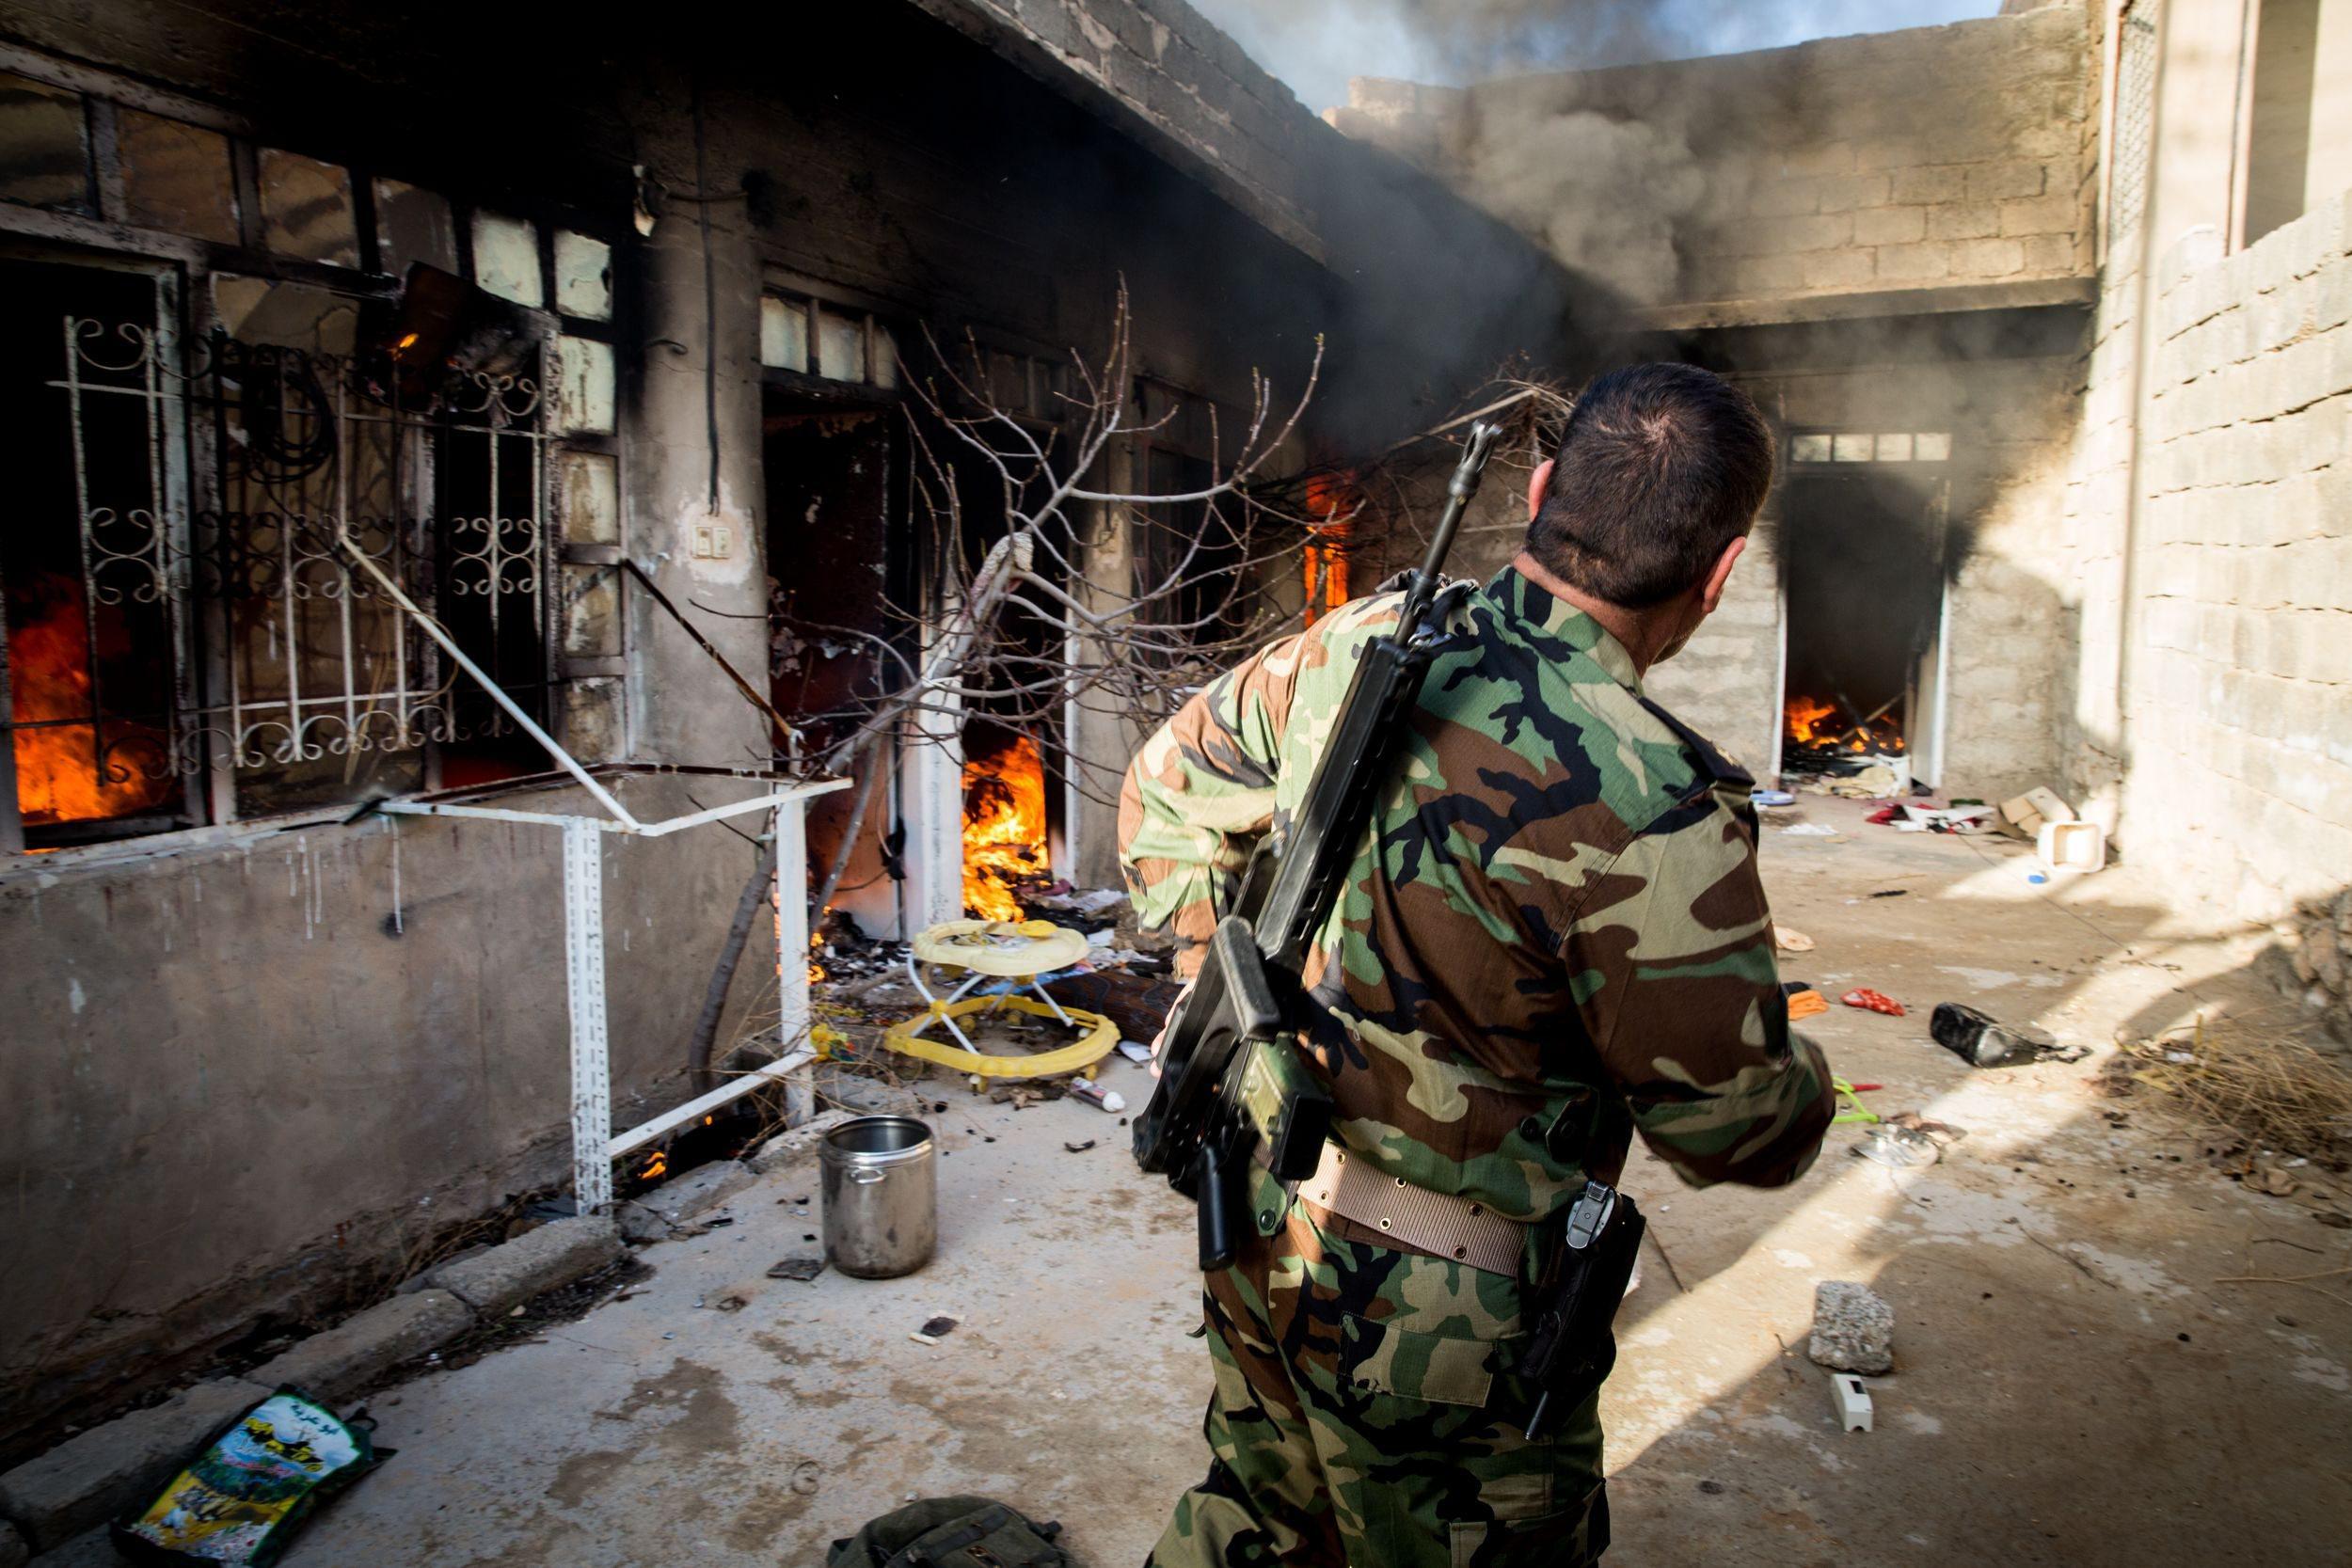 Un missile dello Stato islamico colpisce una casa a Sinjar (LaPresse)